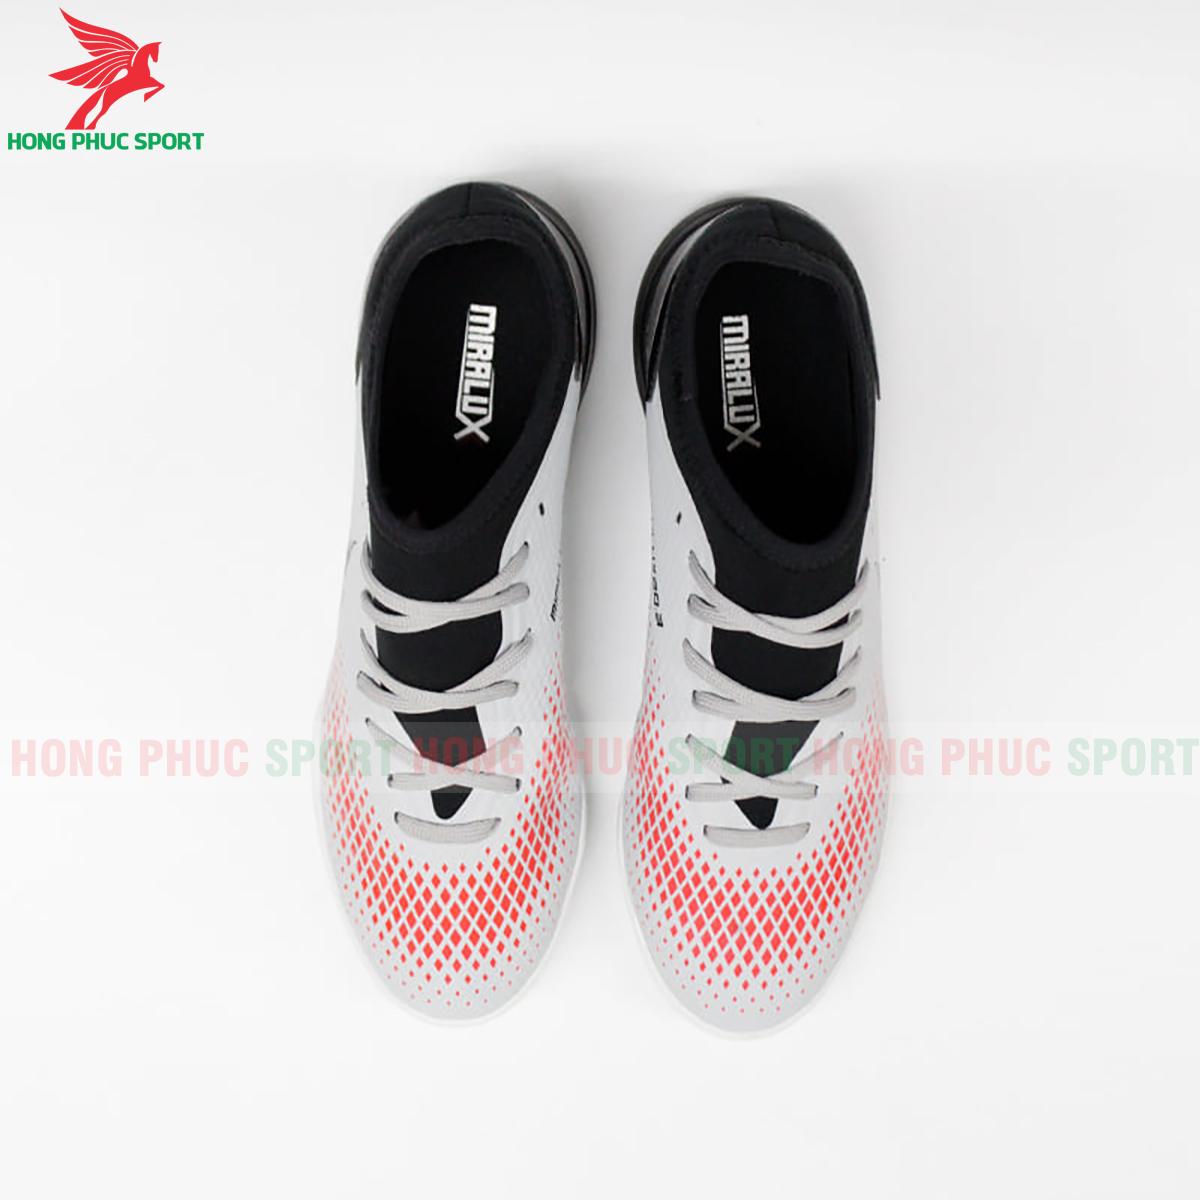 Giày Mira Lux 20.3 sân cỏ nhân tạo bạc phối đen (trước)